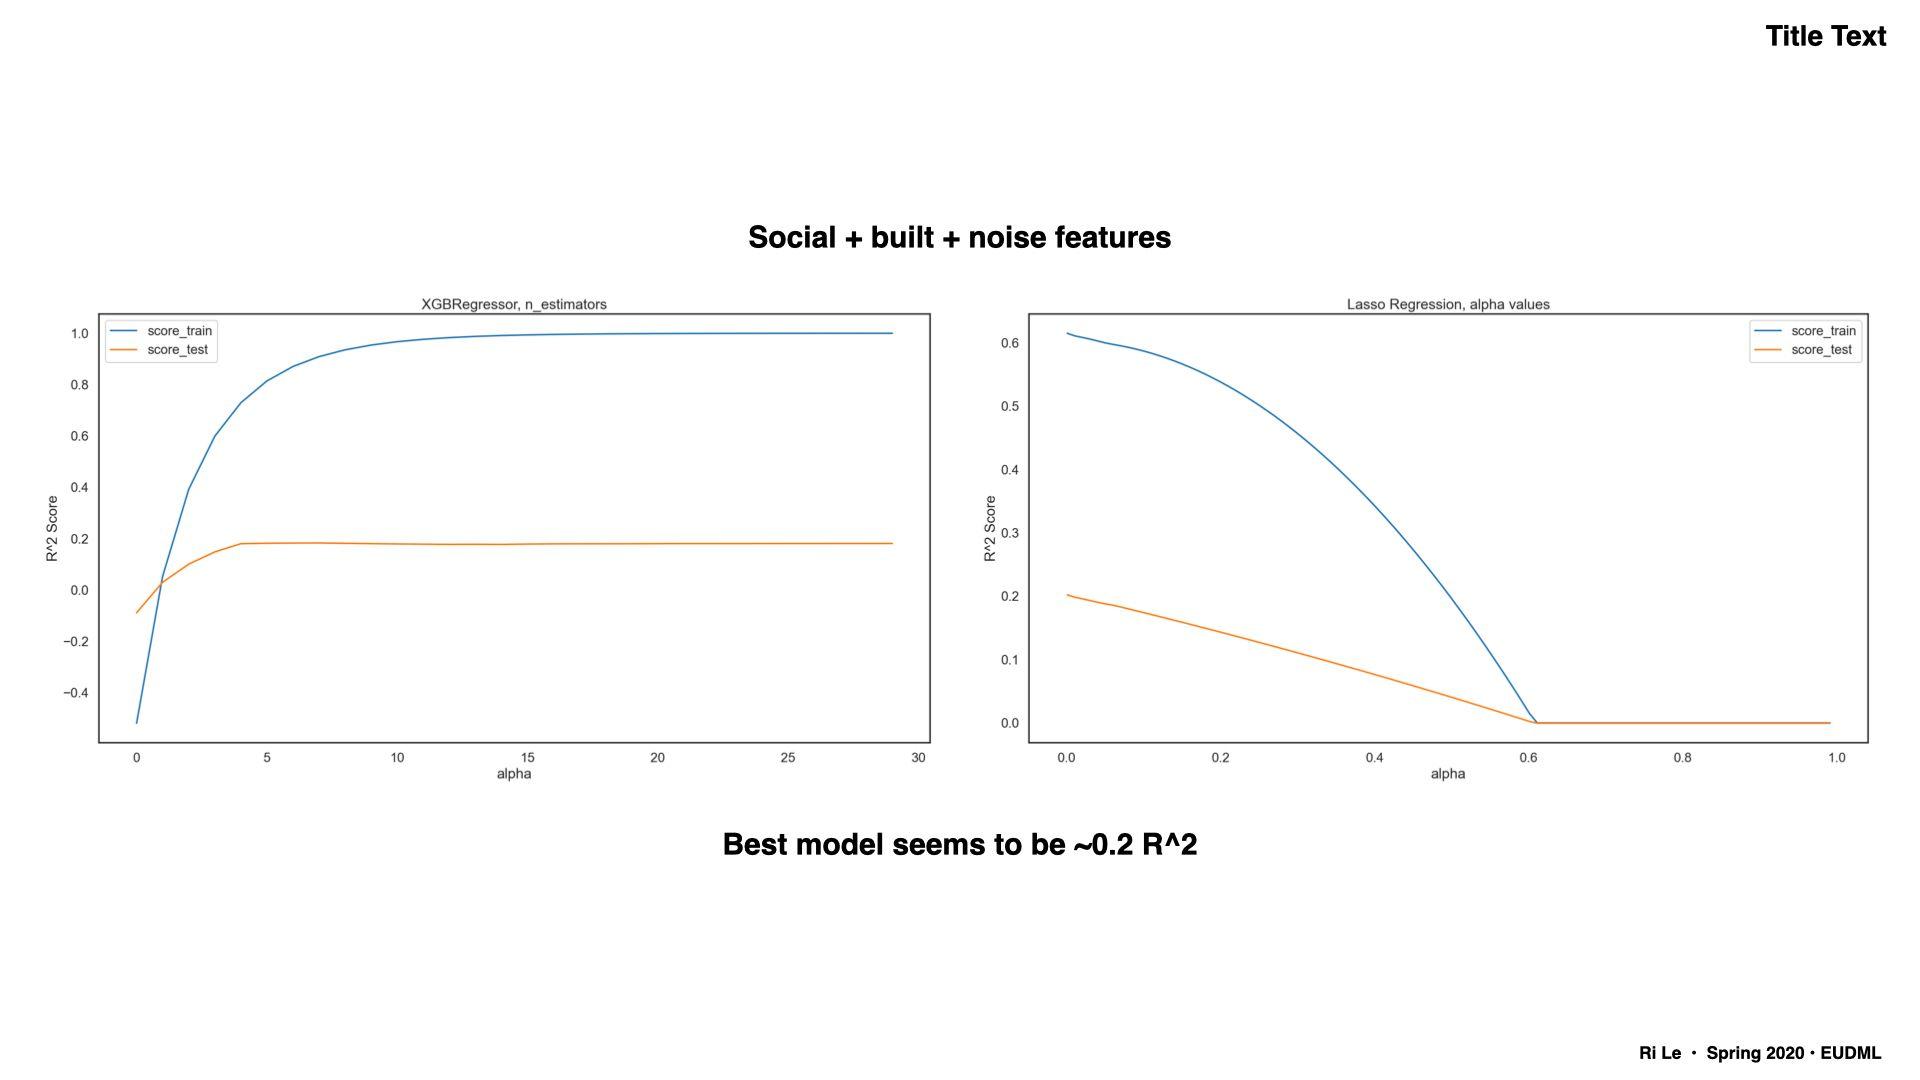 Comparison of predictive models